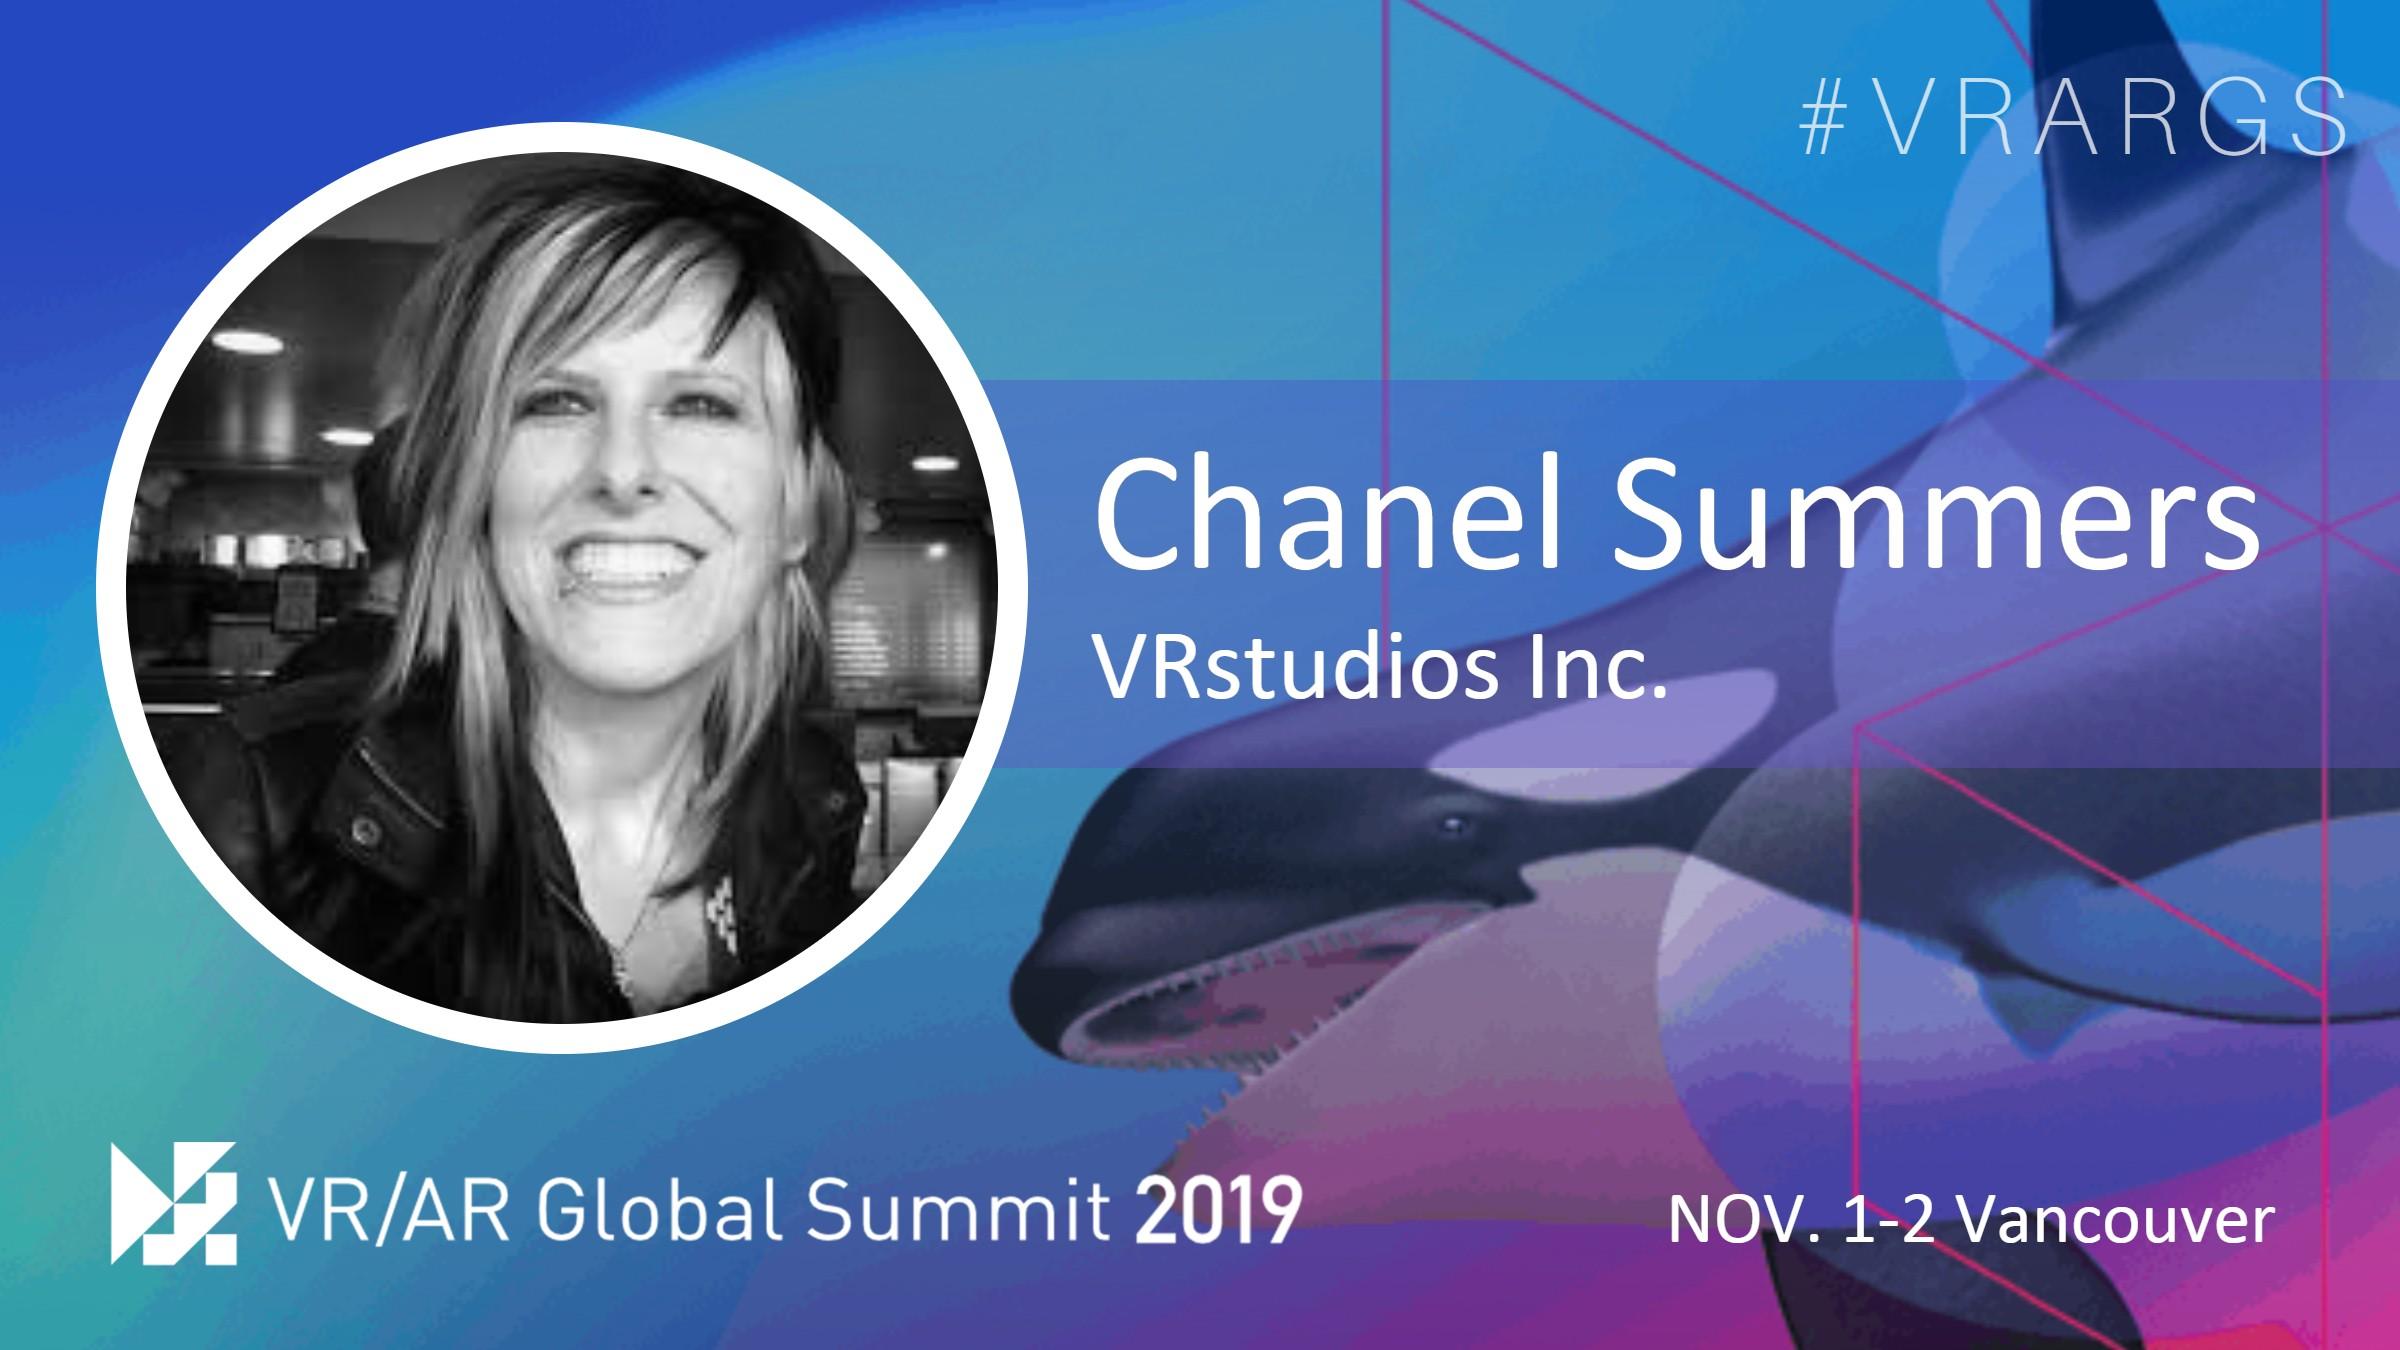 HighRes-Chanel-Summers-VRstudios-VRARGS-VRAR-Global-Summit-Spatial-Computing-Vancouver-Women-In-XR.jpg